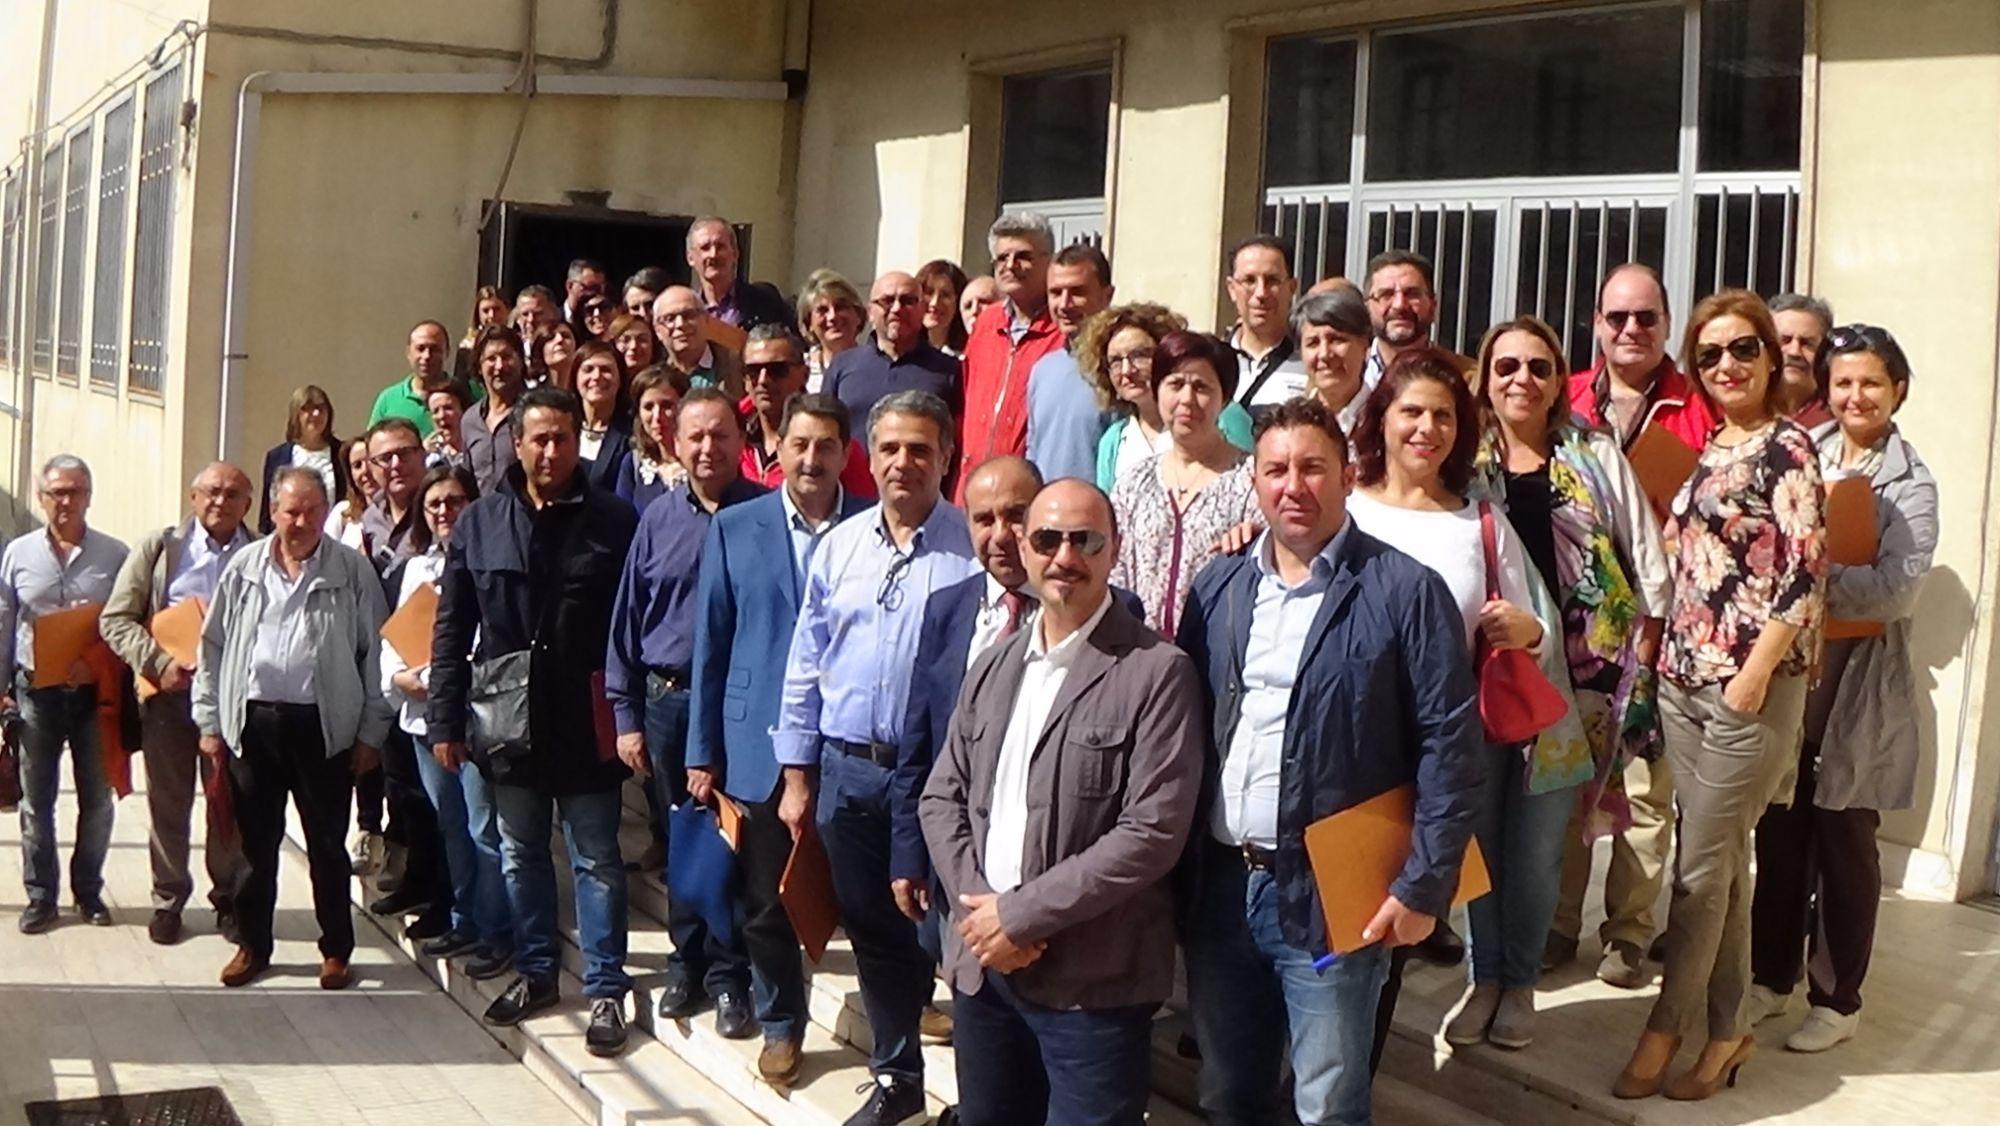 formazione team di verifica progetto global trigger tool - Sicilia Orientale